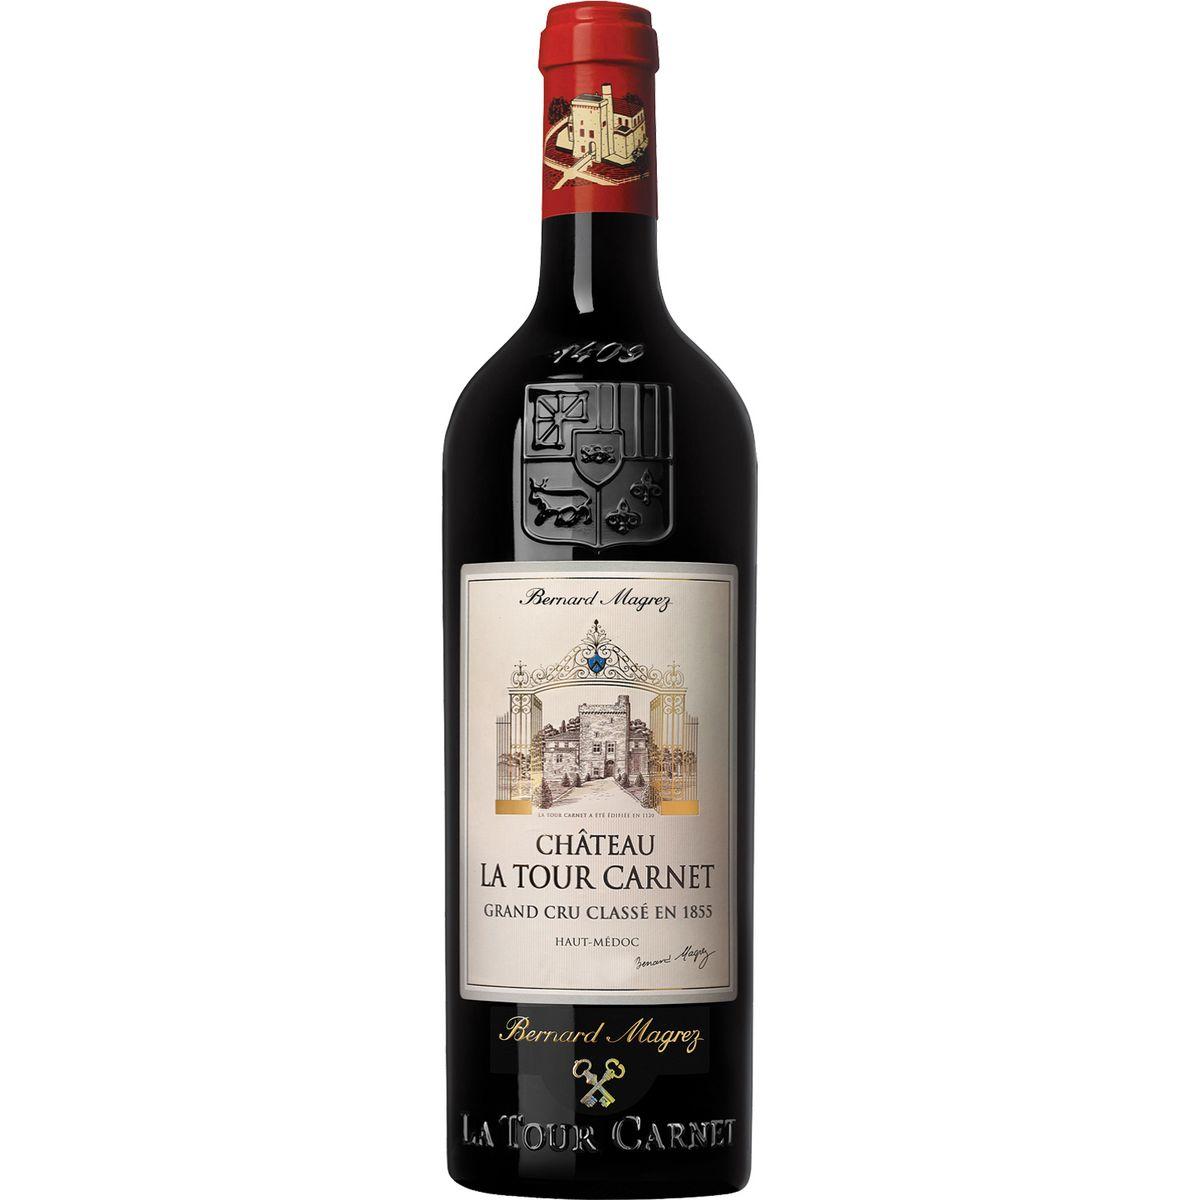 AOP Haut-Médoc Château La Tour Carnet Grand Cru Classé rouge 2015